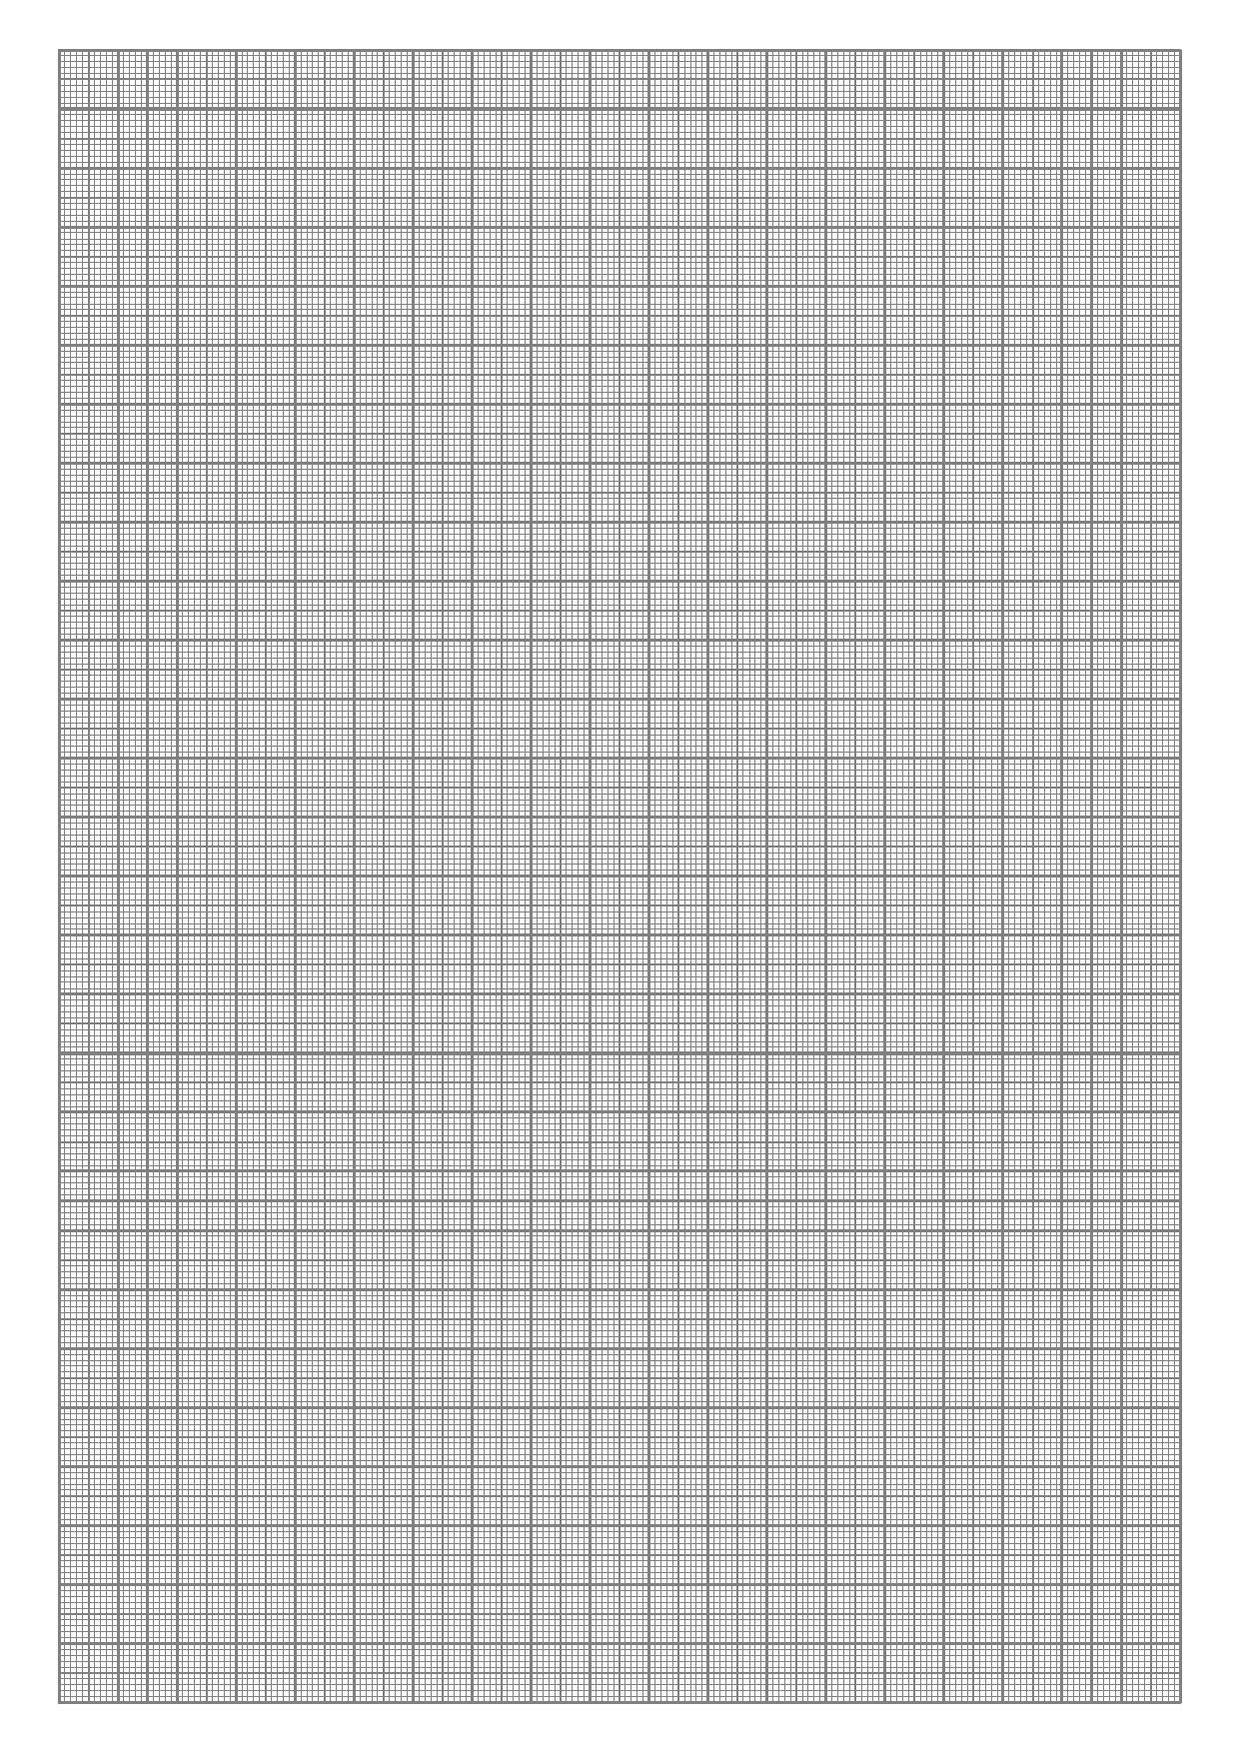 Original File  (1,239 × 1,754 Pixels, File Size: 21 KB